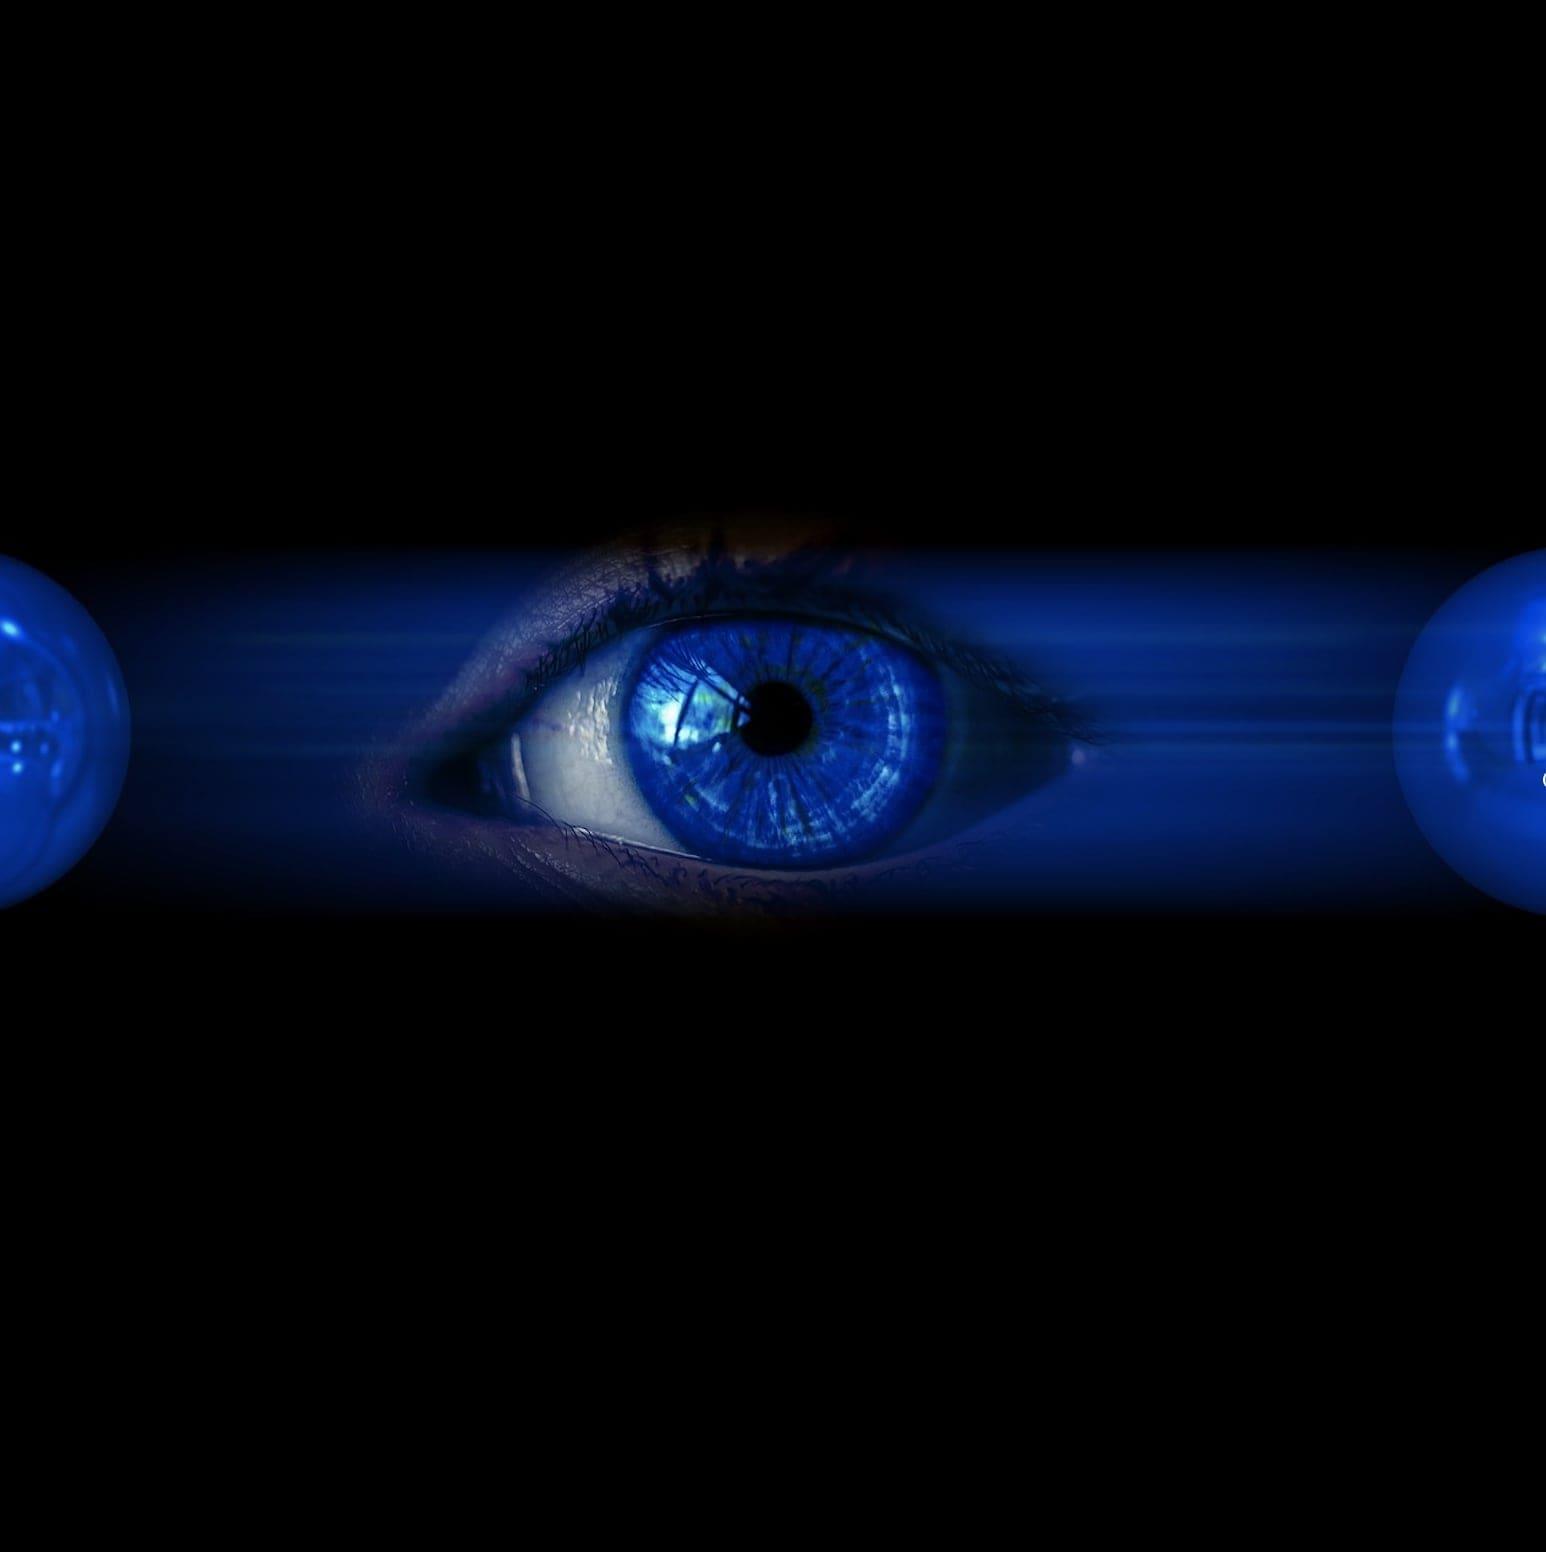 オンラインでも行います!!見えないものを観ることができる【量子場観察術®︎講座】のイメージその1